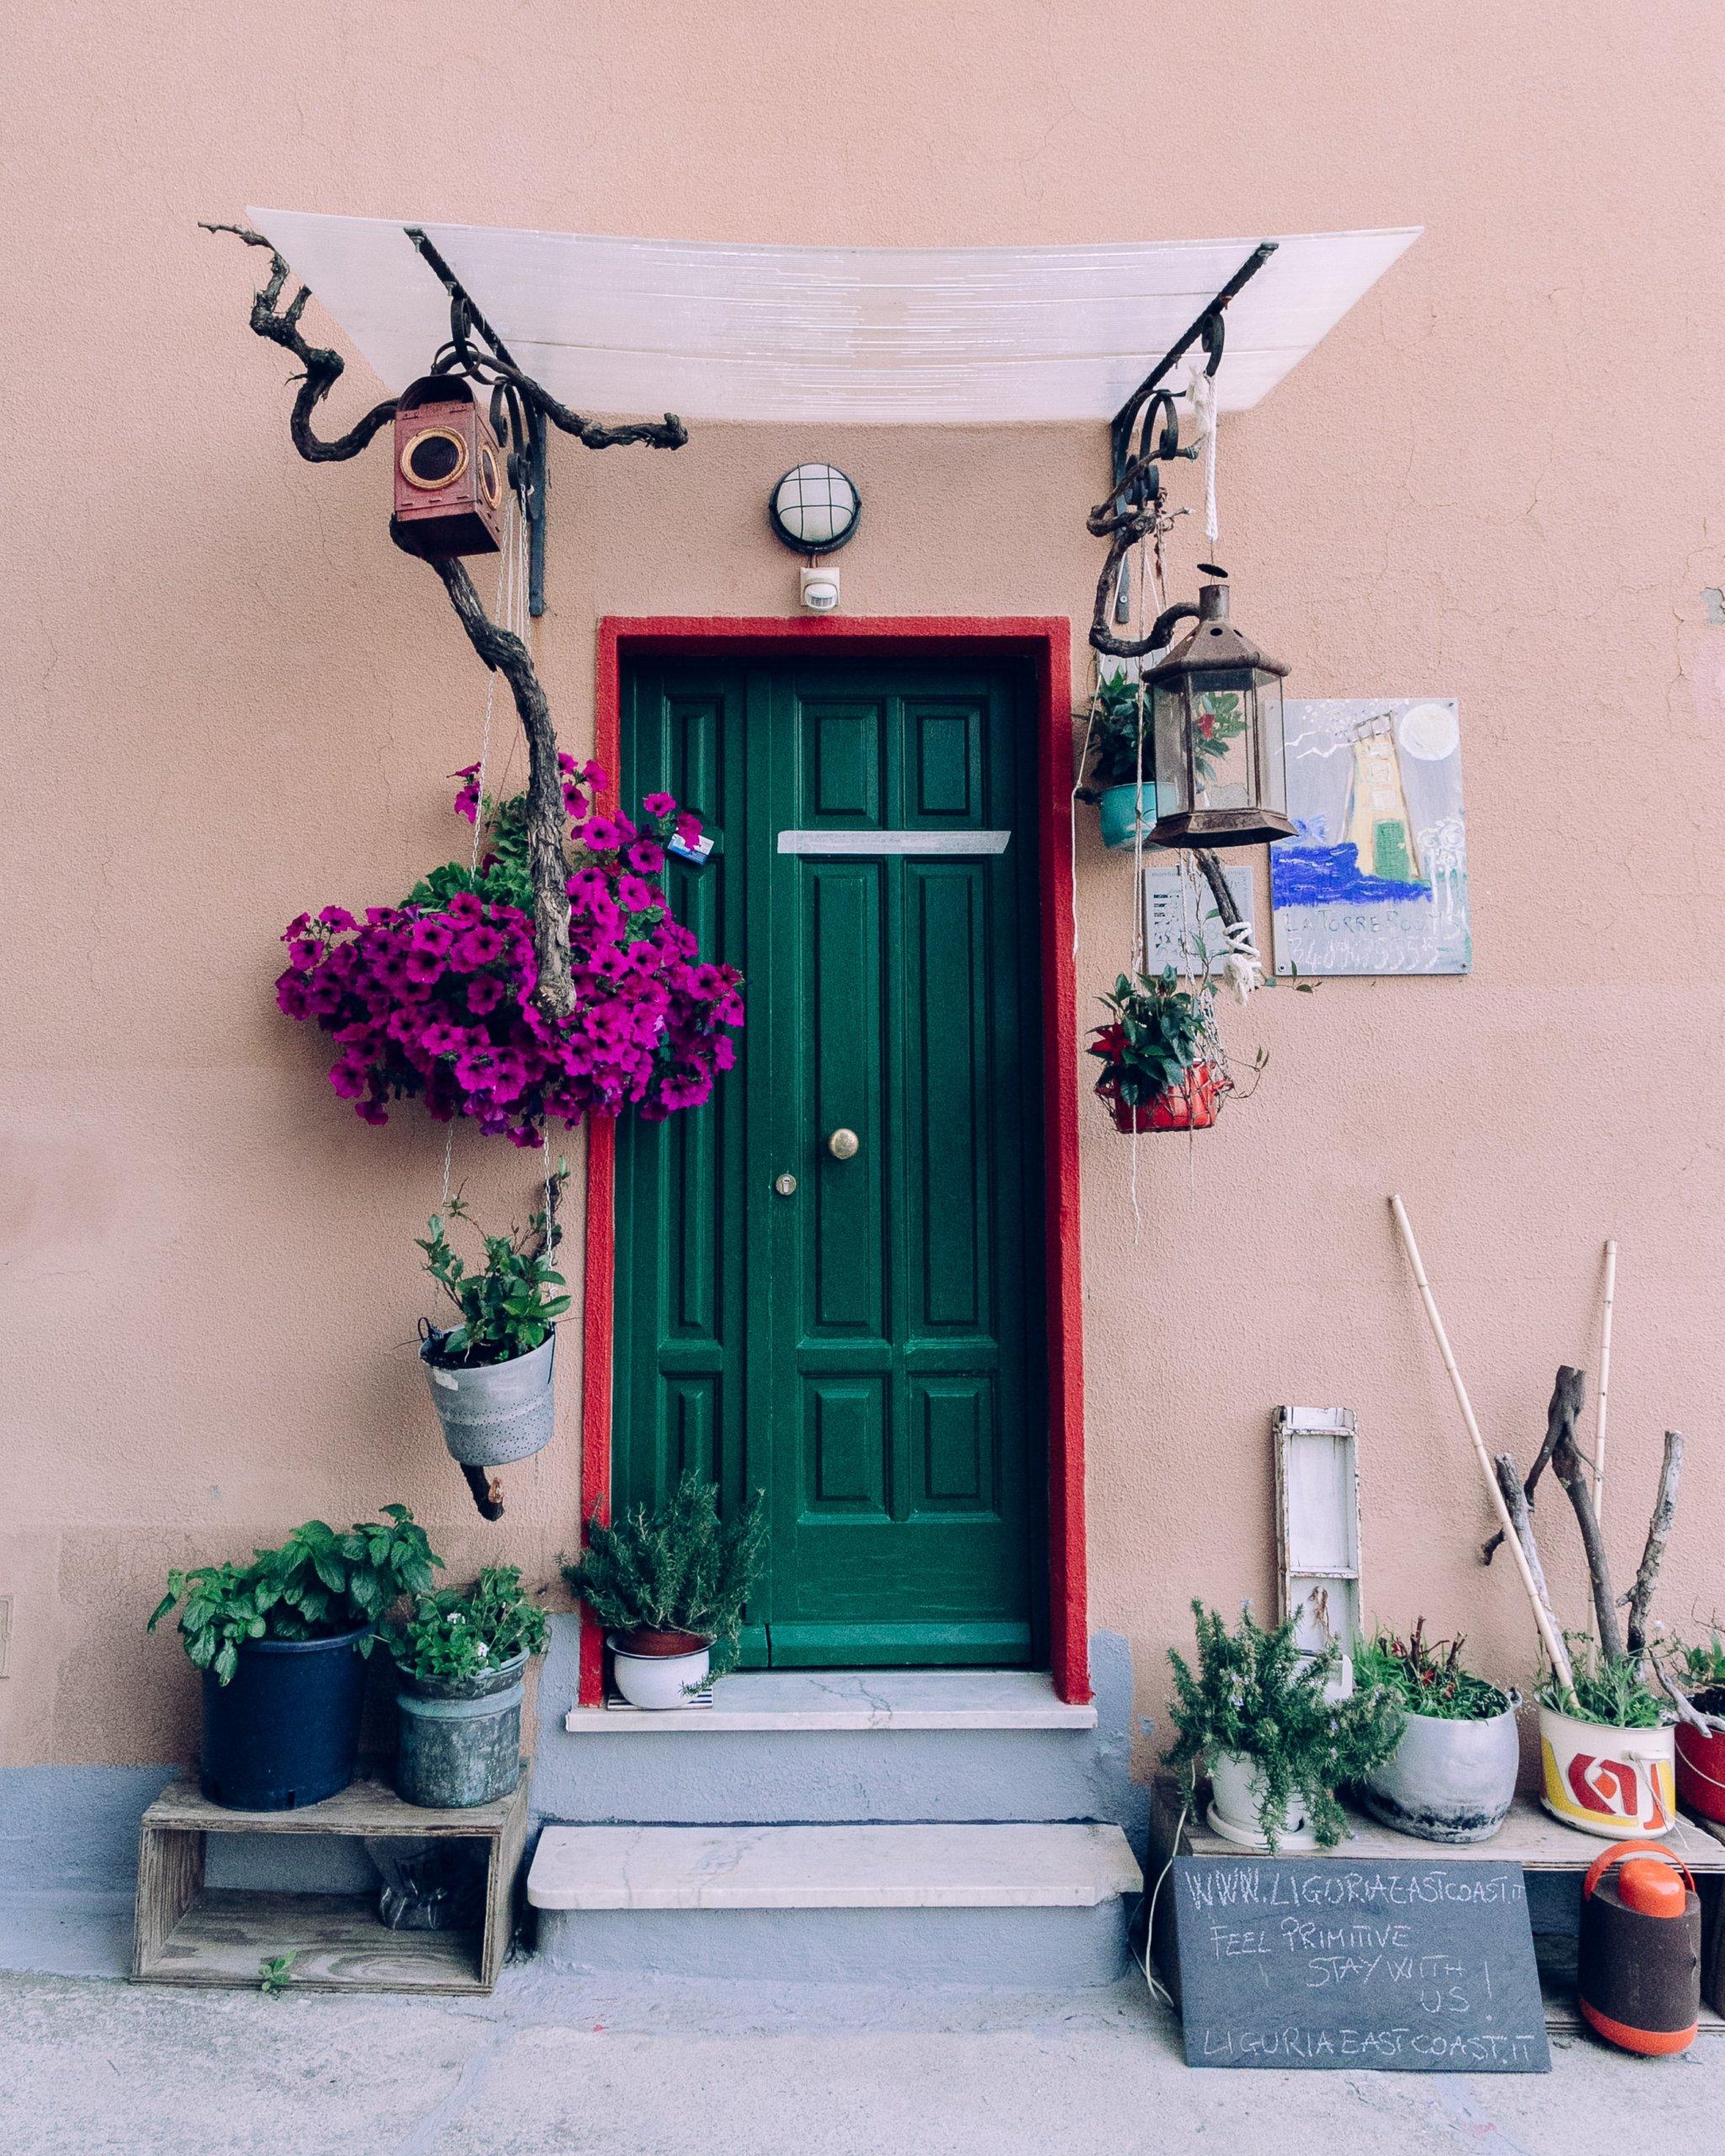 Green front door with hanging purple plants